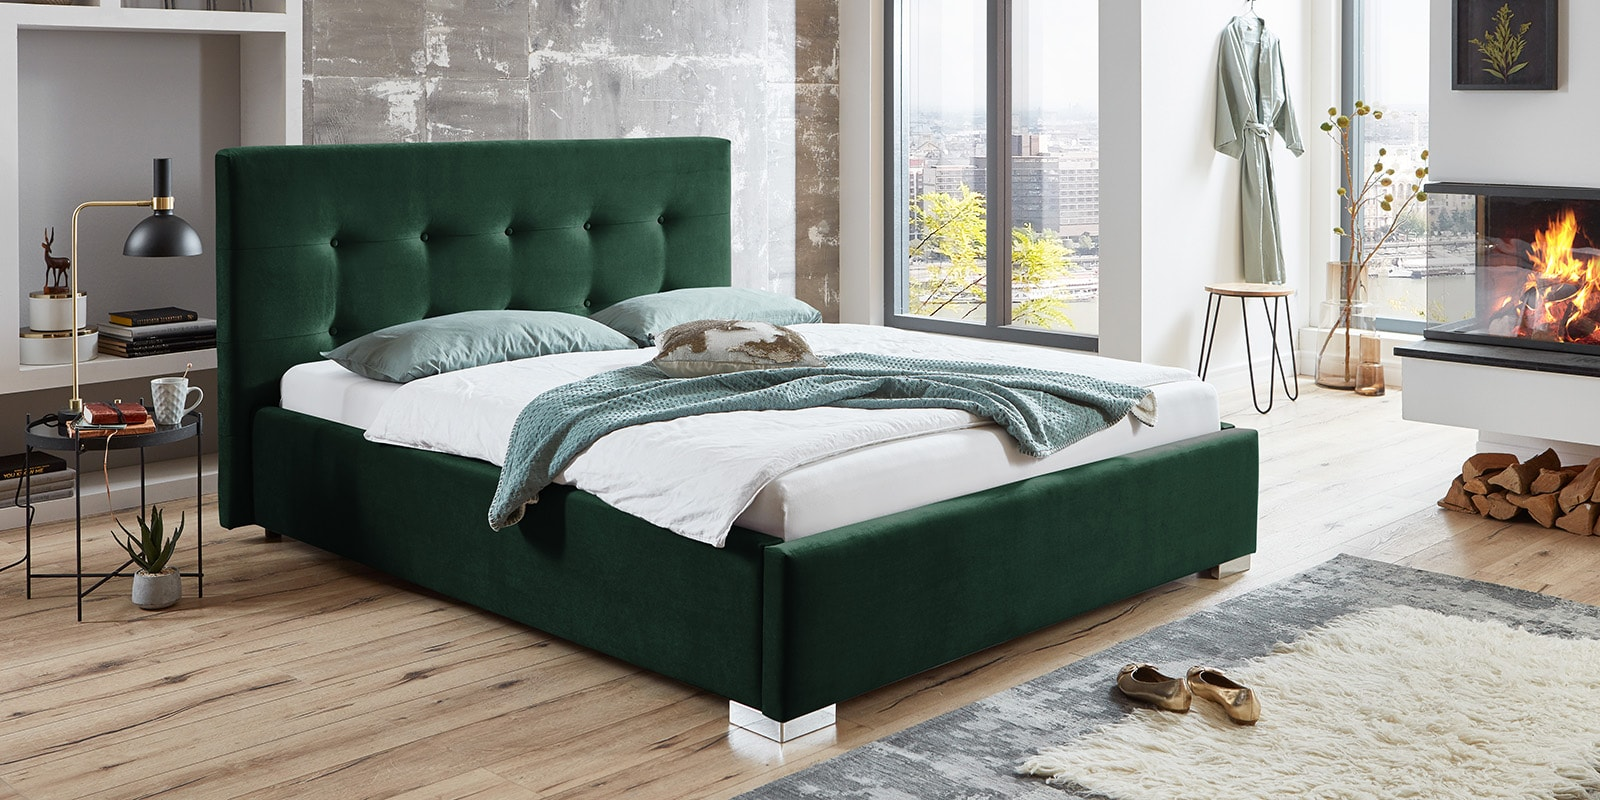 Moebella24 - Bett - mit - Bettkasten - Betty - Samt - Smaragd - Stauraum - Kopfteil - mit - Knopfheftung- Von - vorne - links